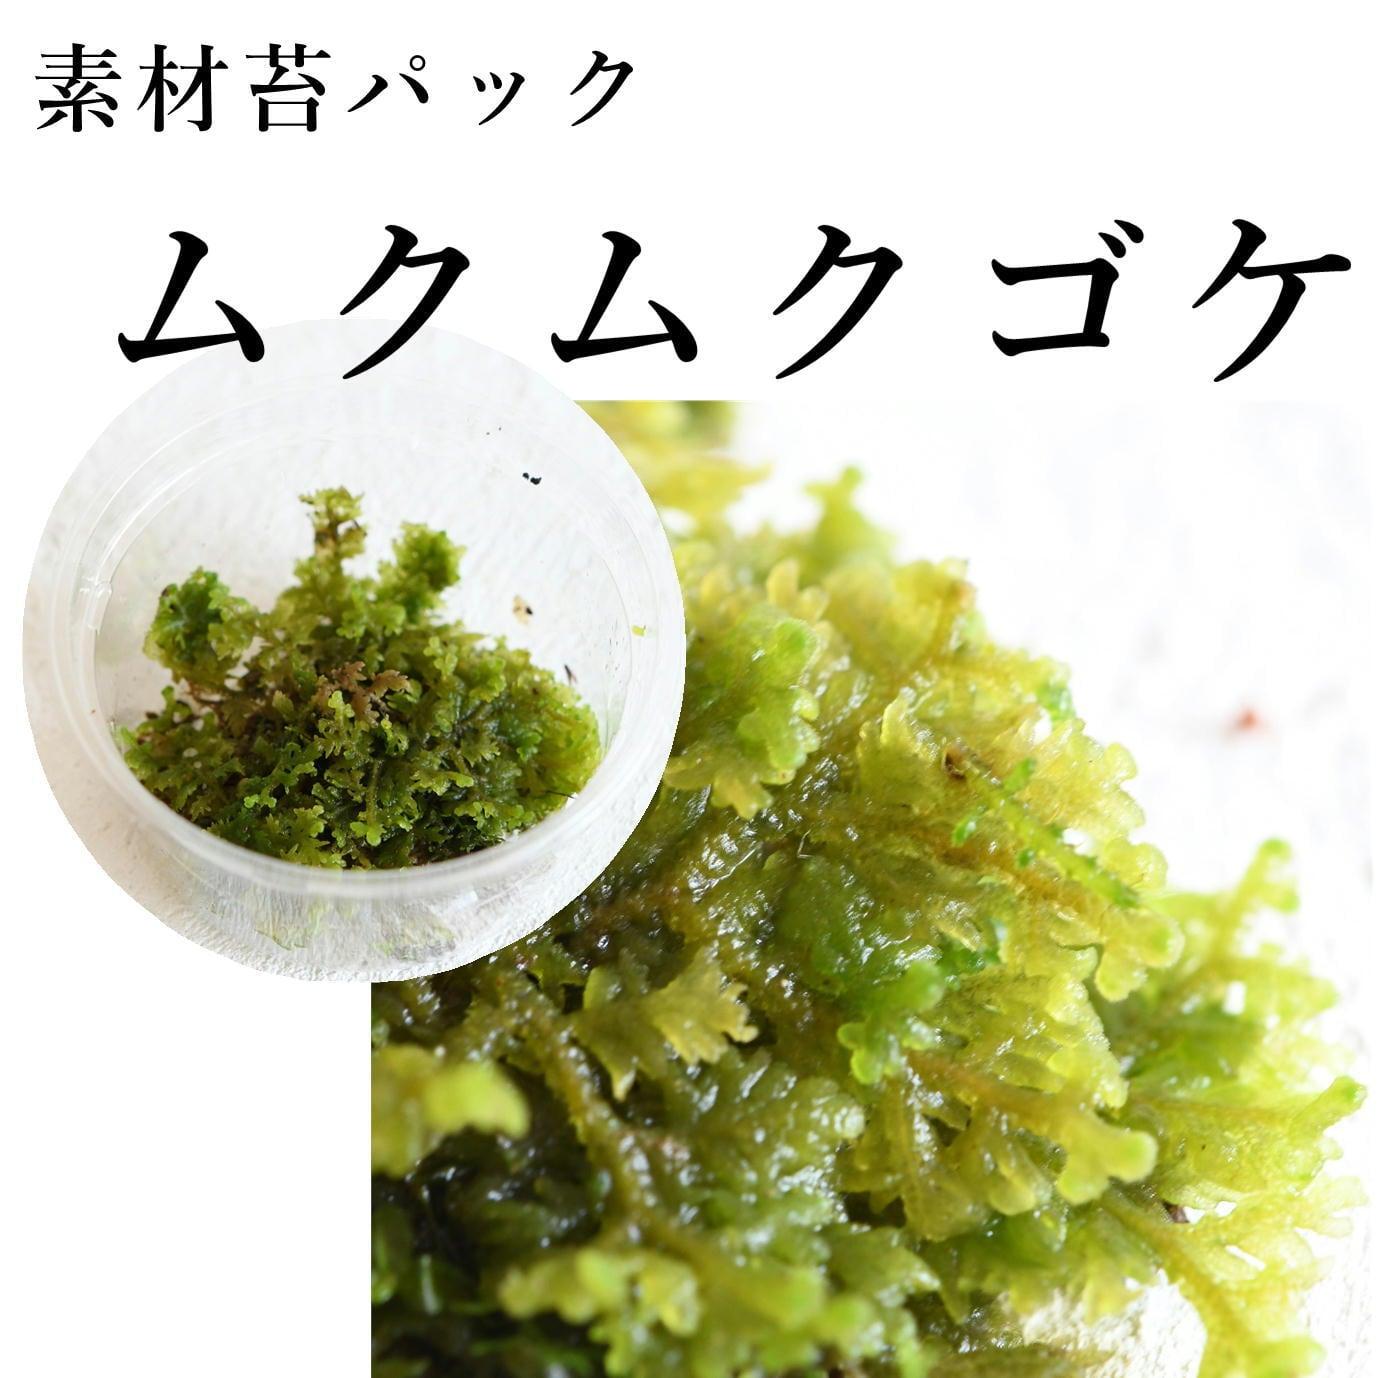 ムクムクゴケ 苔テラリウム作製用素材苔